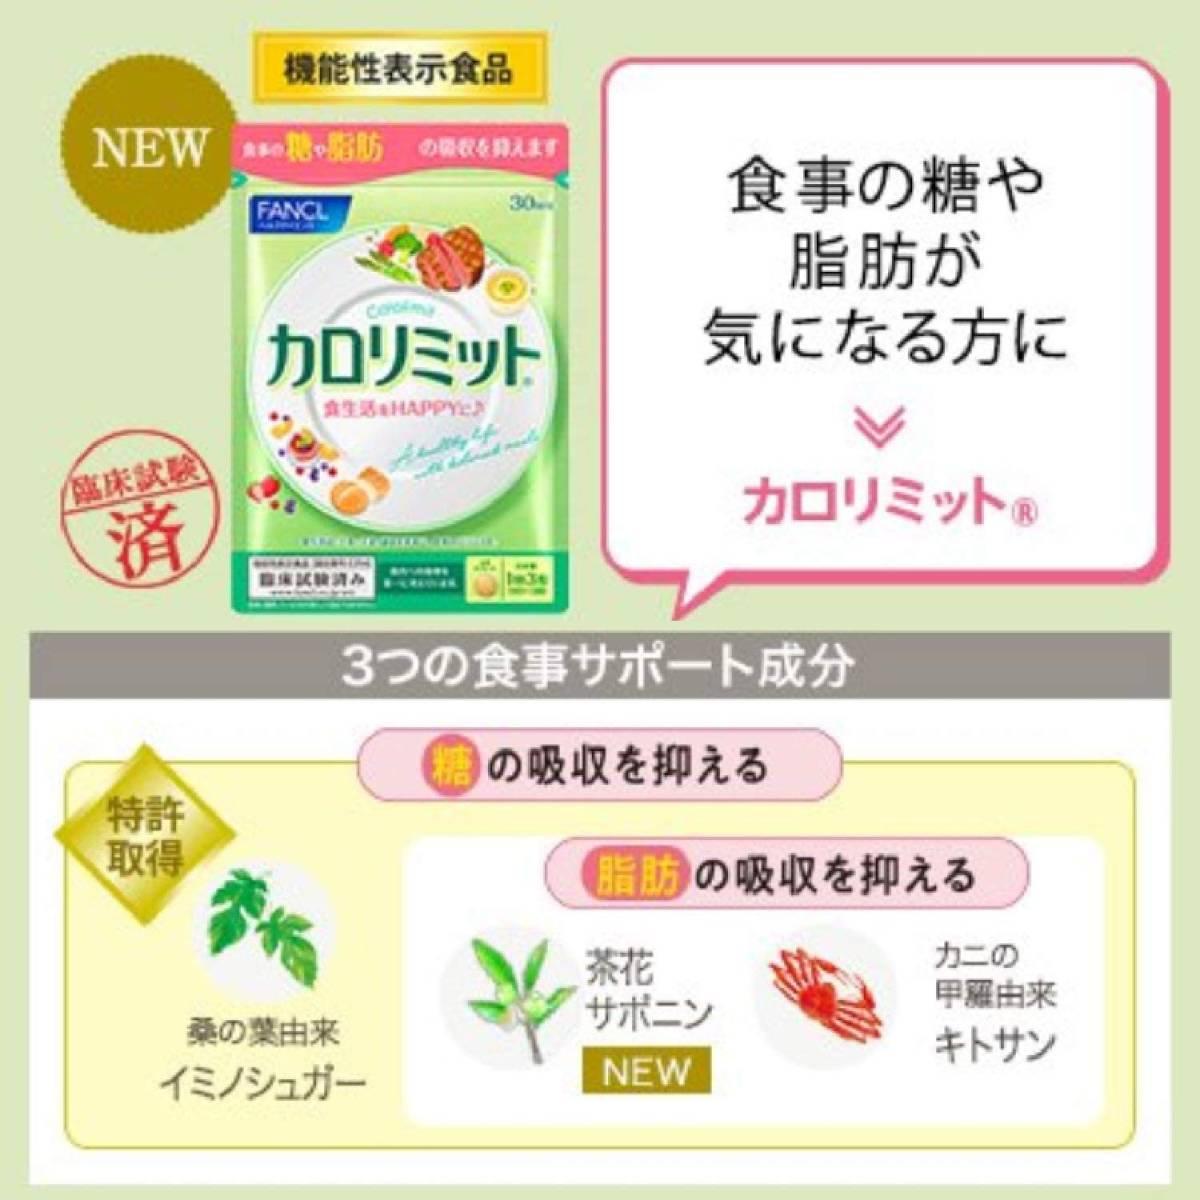 【即決送料無料】カロリミット 90粒 約30日分 機能性表示食品 ファンケル FANCL サプリ ダイエット_画像5